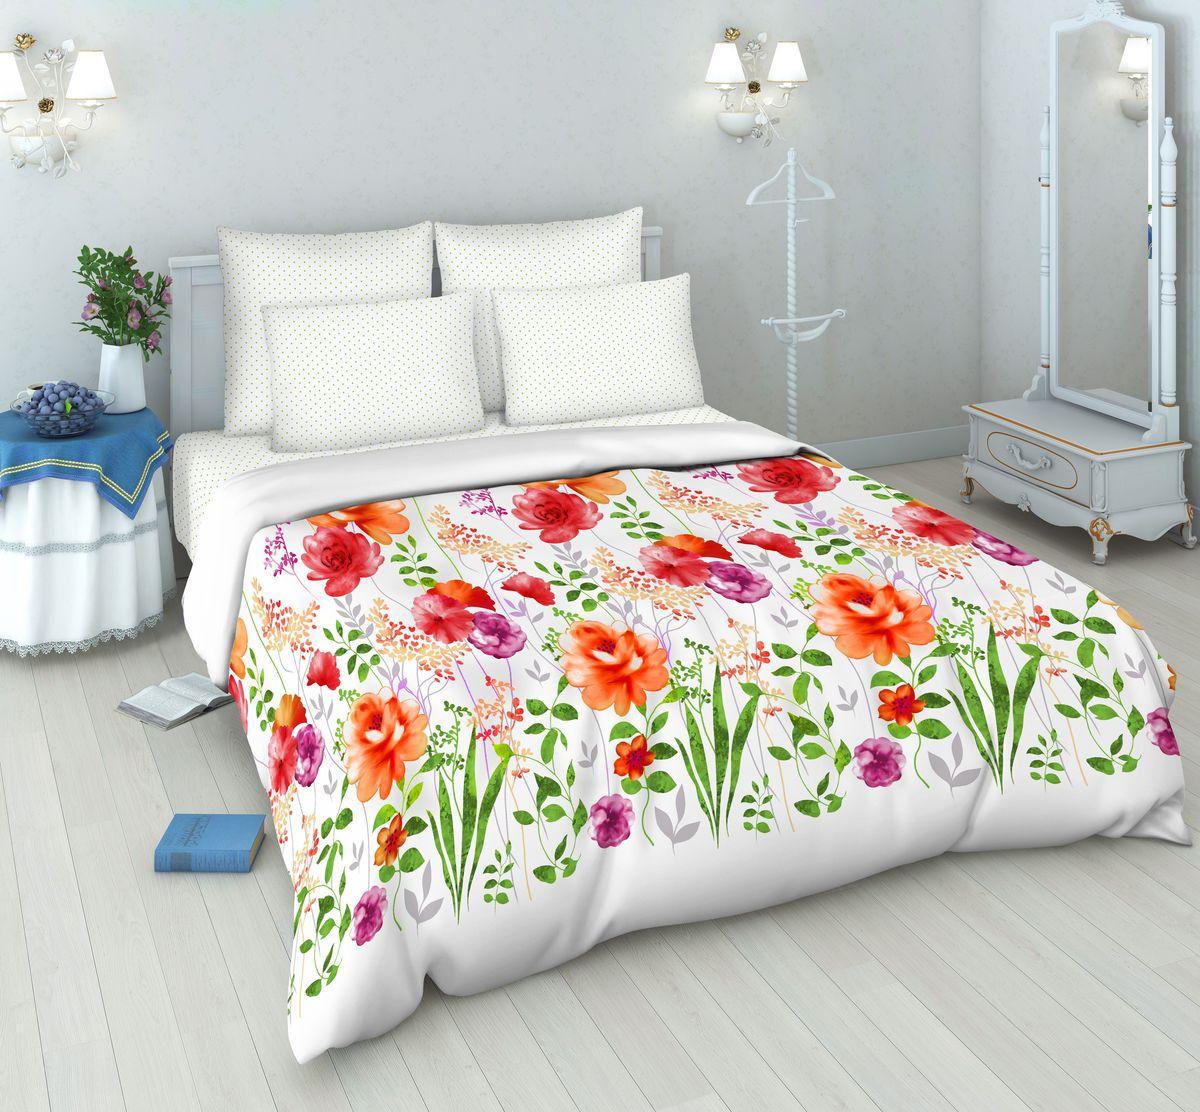 Комплект белья Василиса, 2-спальный, наволочки 70х70, цвет: белый. 7023/17023/1Комплект постельного белья Василиса состоит из пододеяльника, простыни и двух наволочек.Белье изготовлено из бязи (100% хлопка) - гипоаллергенного, экологичного, высококачественного, крупнозакрученного волокна. Использование особо тонкой пряжи делает ткань мягче на ощупь, обеспечивает легкое глажение и позволяет передать всю насыщенность цветовой гаммы. Благодаря более плотному переплетению нитей и использованию высококачественных импортных красителей постельное белье выдерживает до 70 стирок. На ткани не образуются катышки.Способ застегивания наволочки - клапан, пододеяльника - отверстие без застежки по краю изделия с подвернутым краем. Приобретая комплект постельного белья Василиса, вы можете быть уверены в том, что покупка доставит вам удовольствие и подарит максимальный комфорт.Советы по выбору постельного белья от блогера Ирины Соковых. Статья OZON Гид